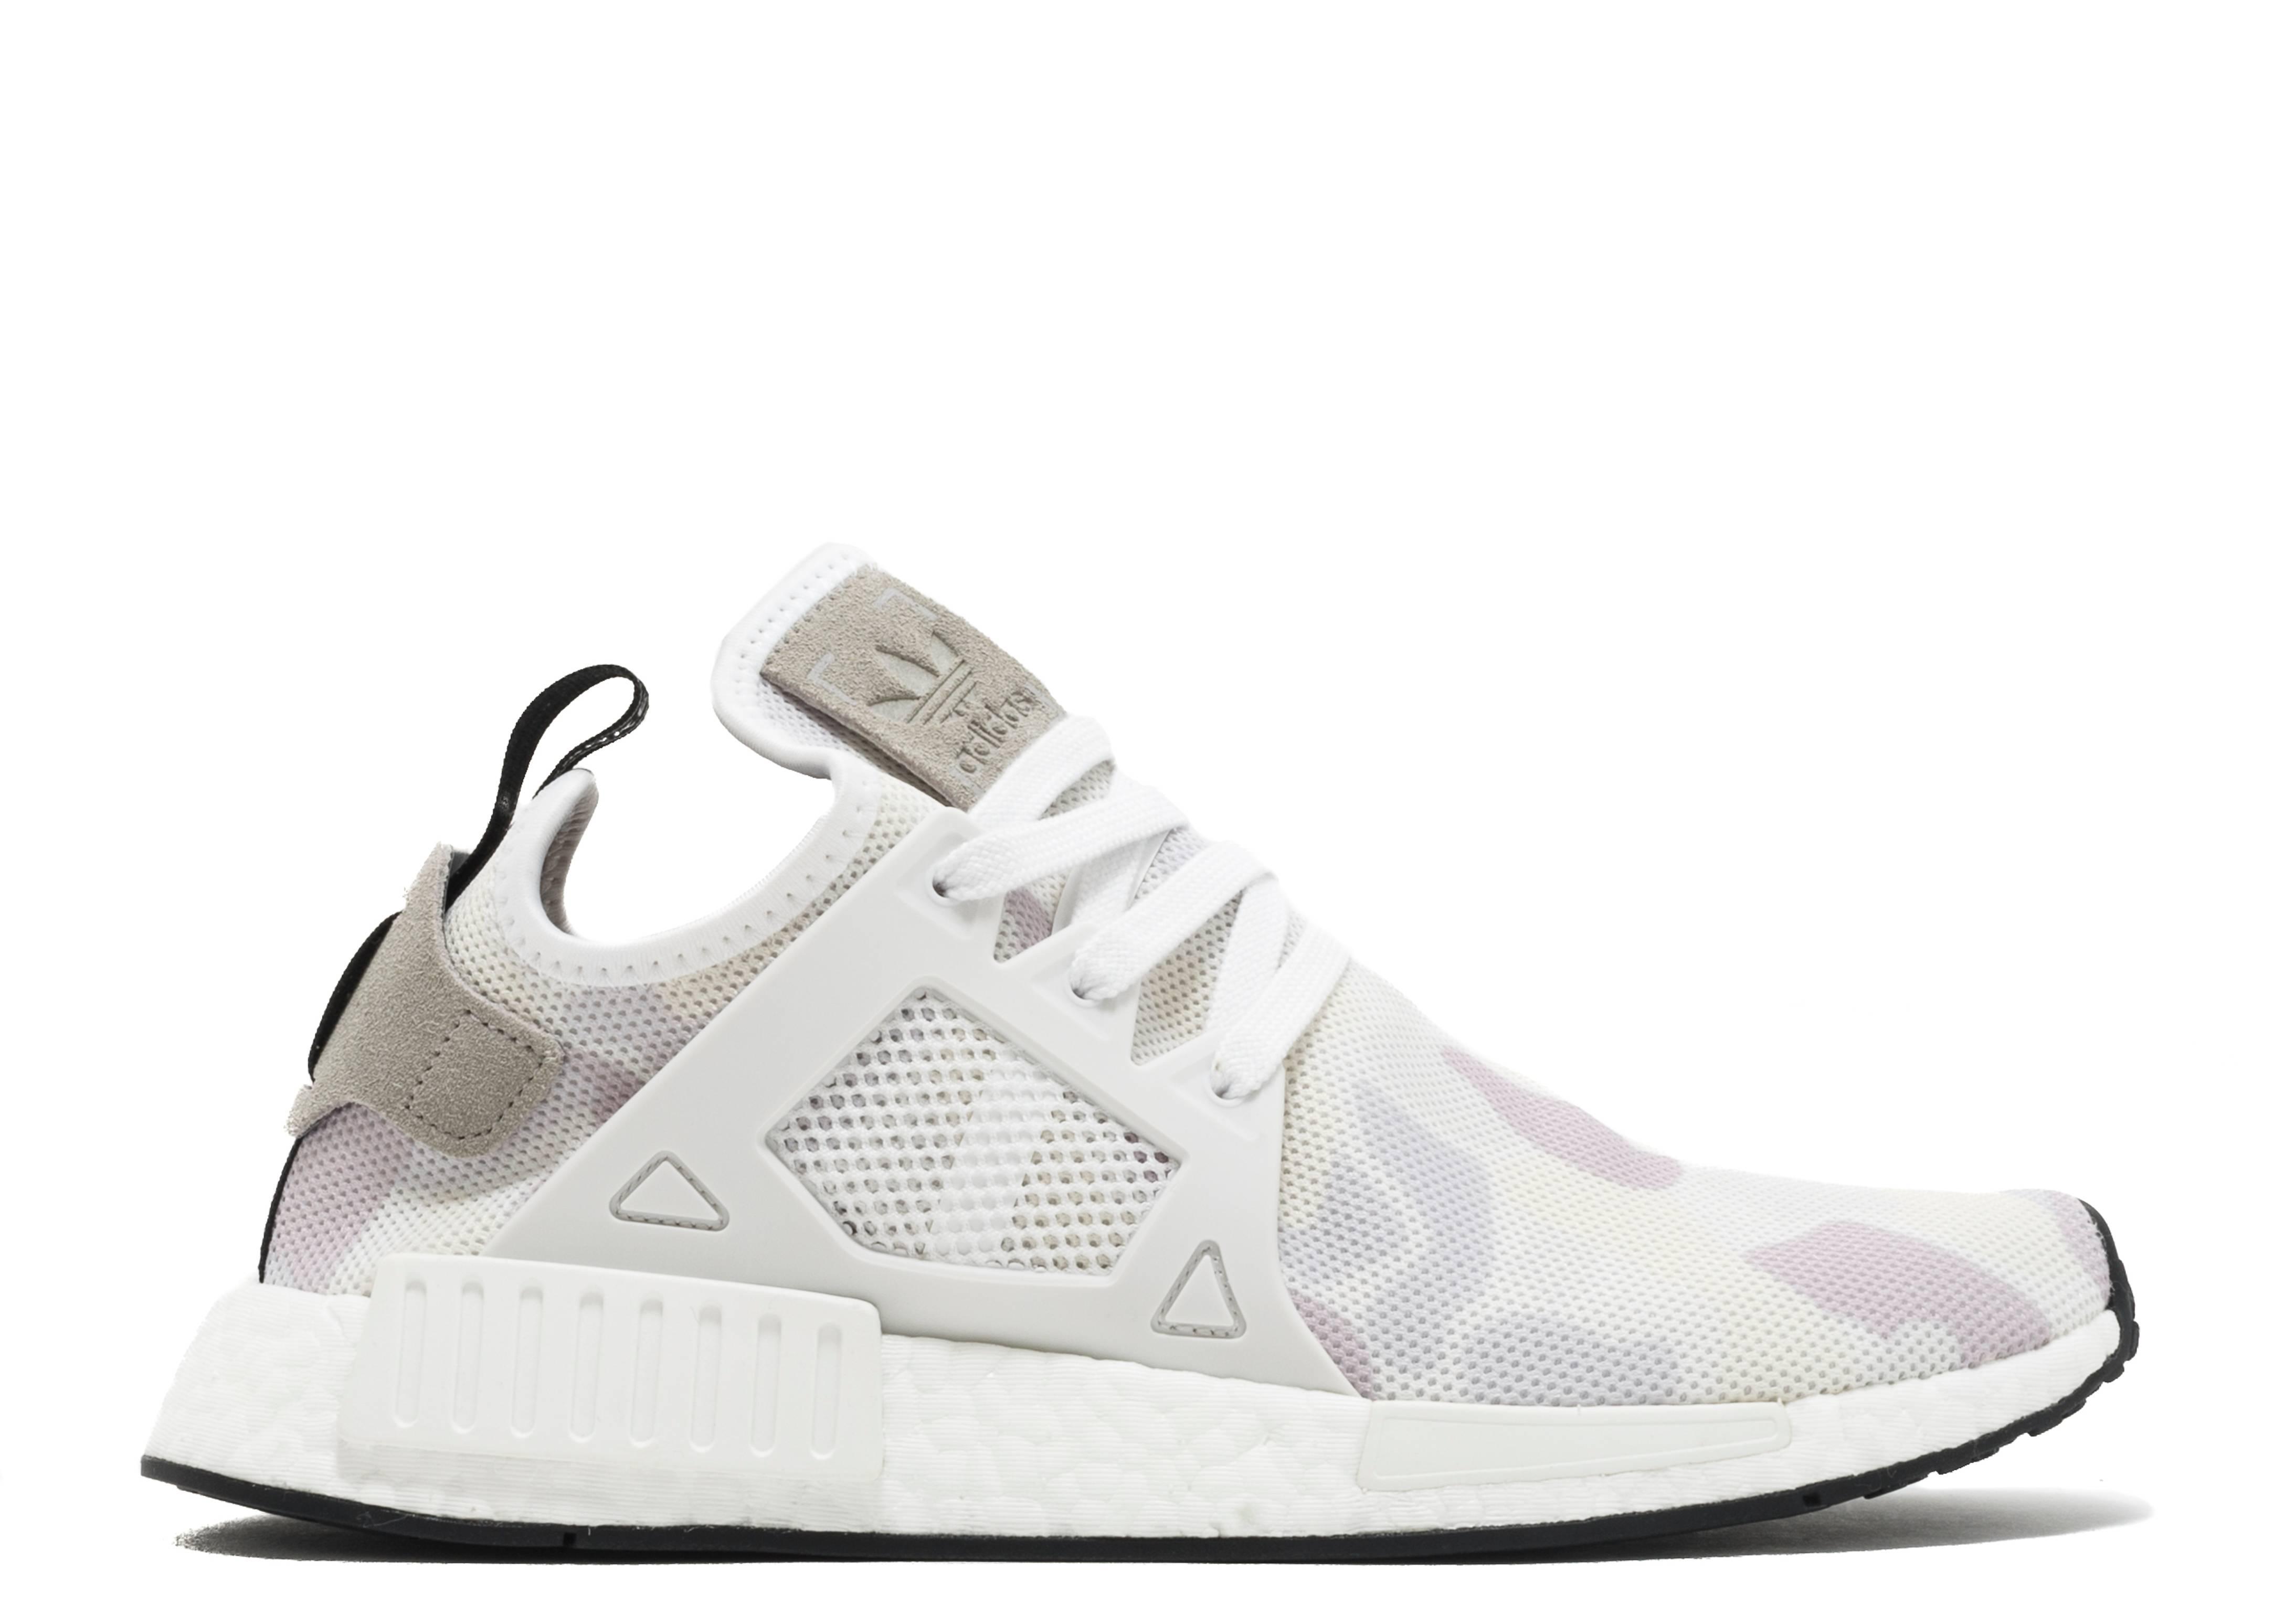 Brand New Adidas NMD XR 1 (White camo / Black camo) Men 's